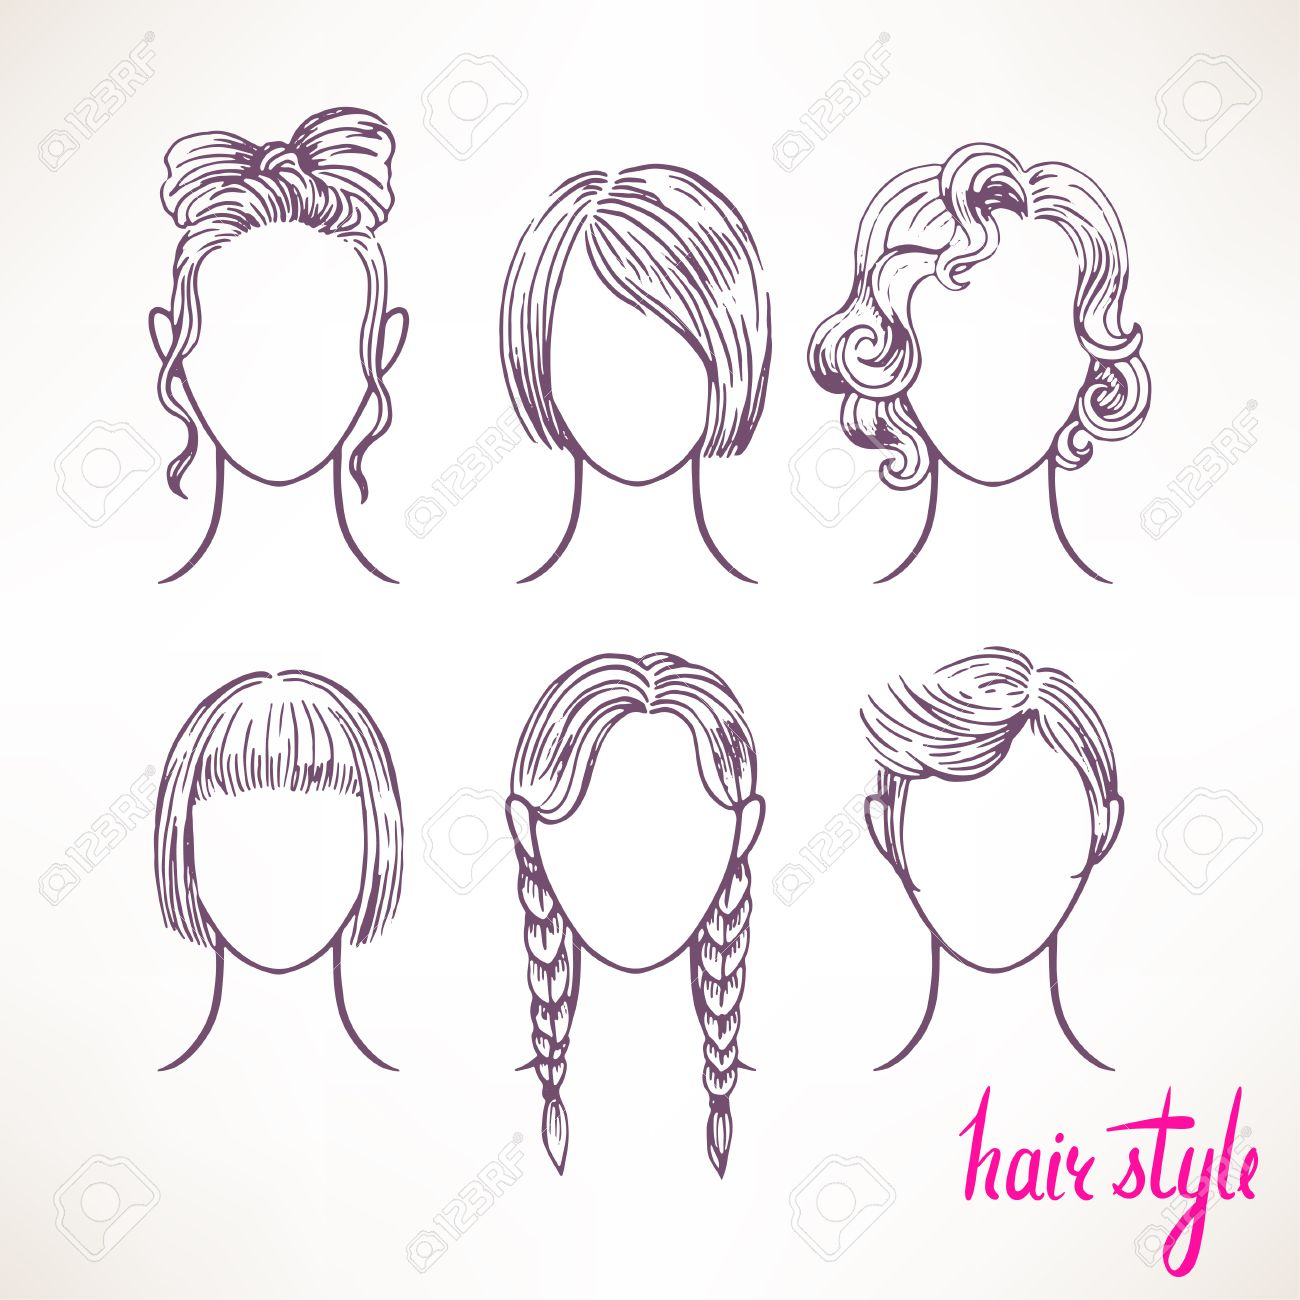 Как рисовать волосы карандашом картинки